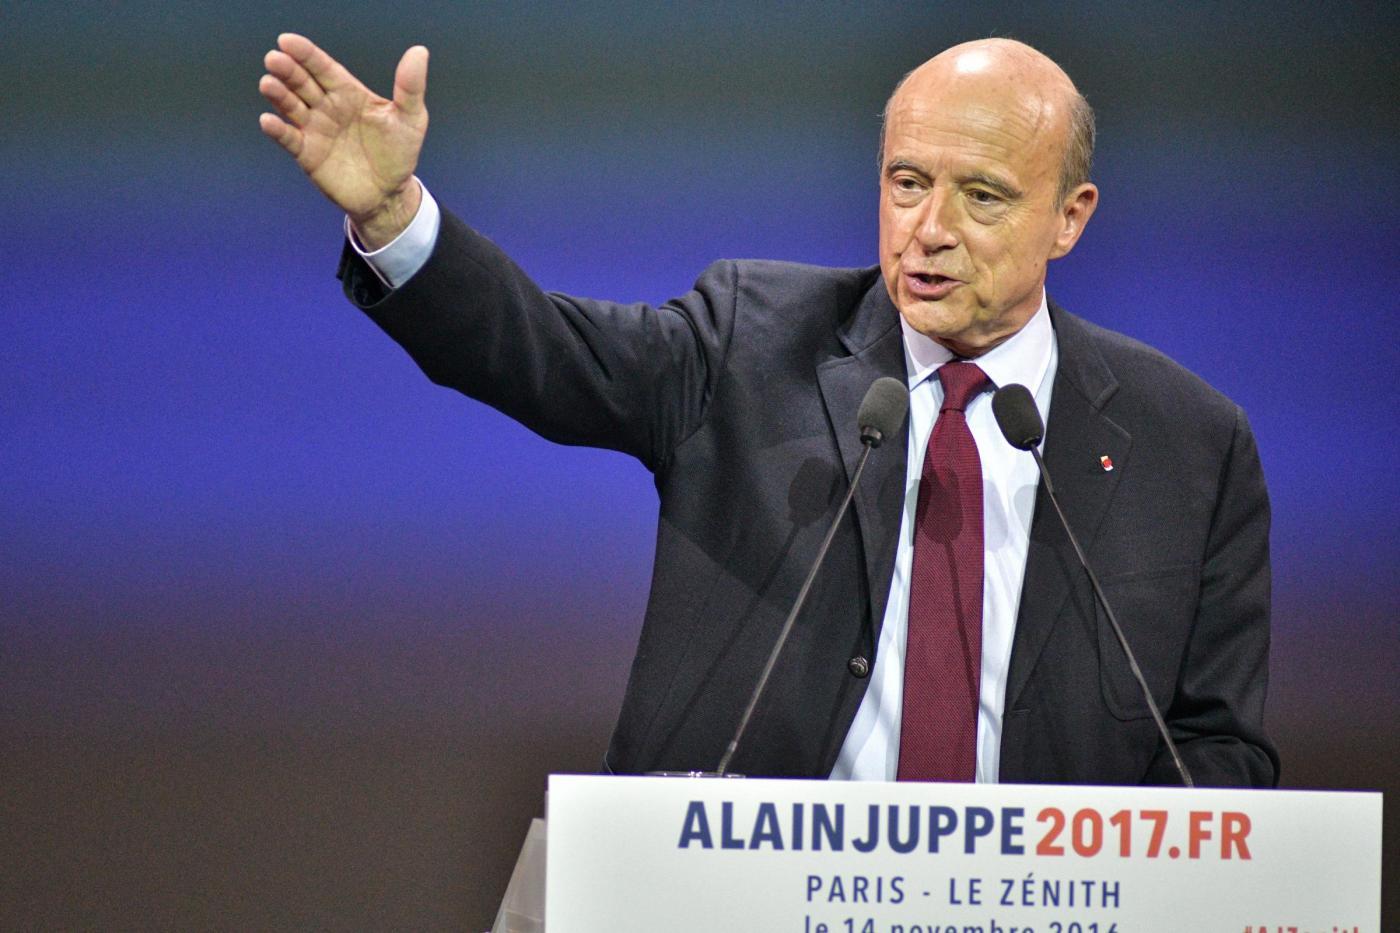 Meeting elettorale di Alain Juppe' a Parigi